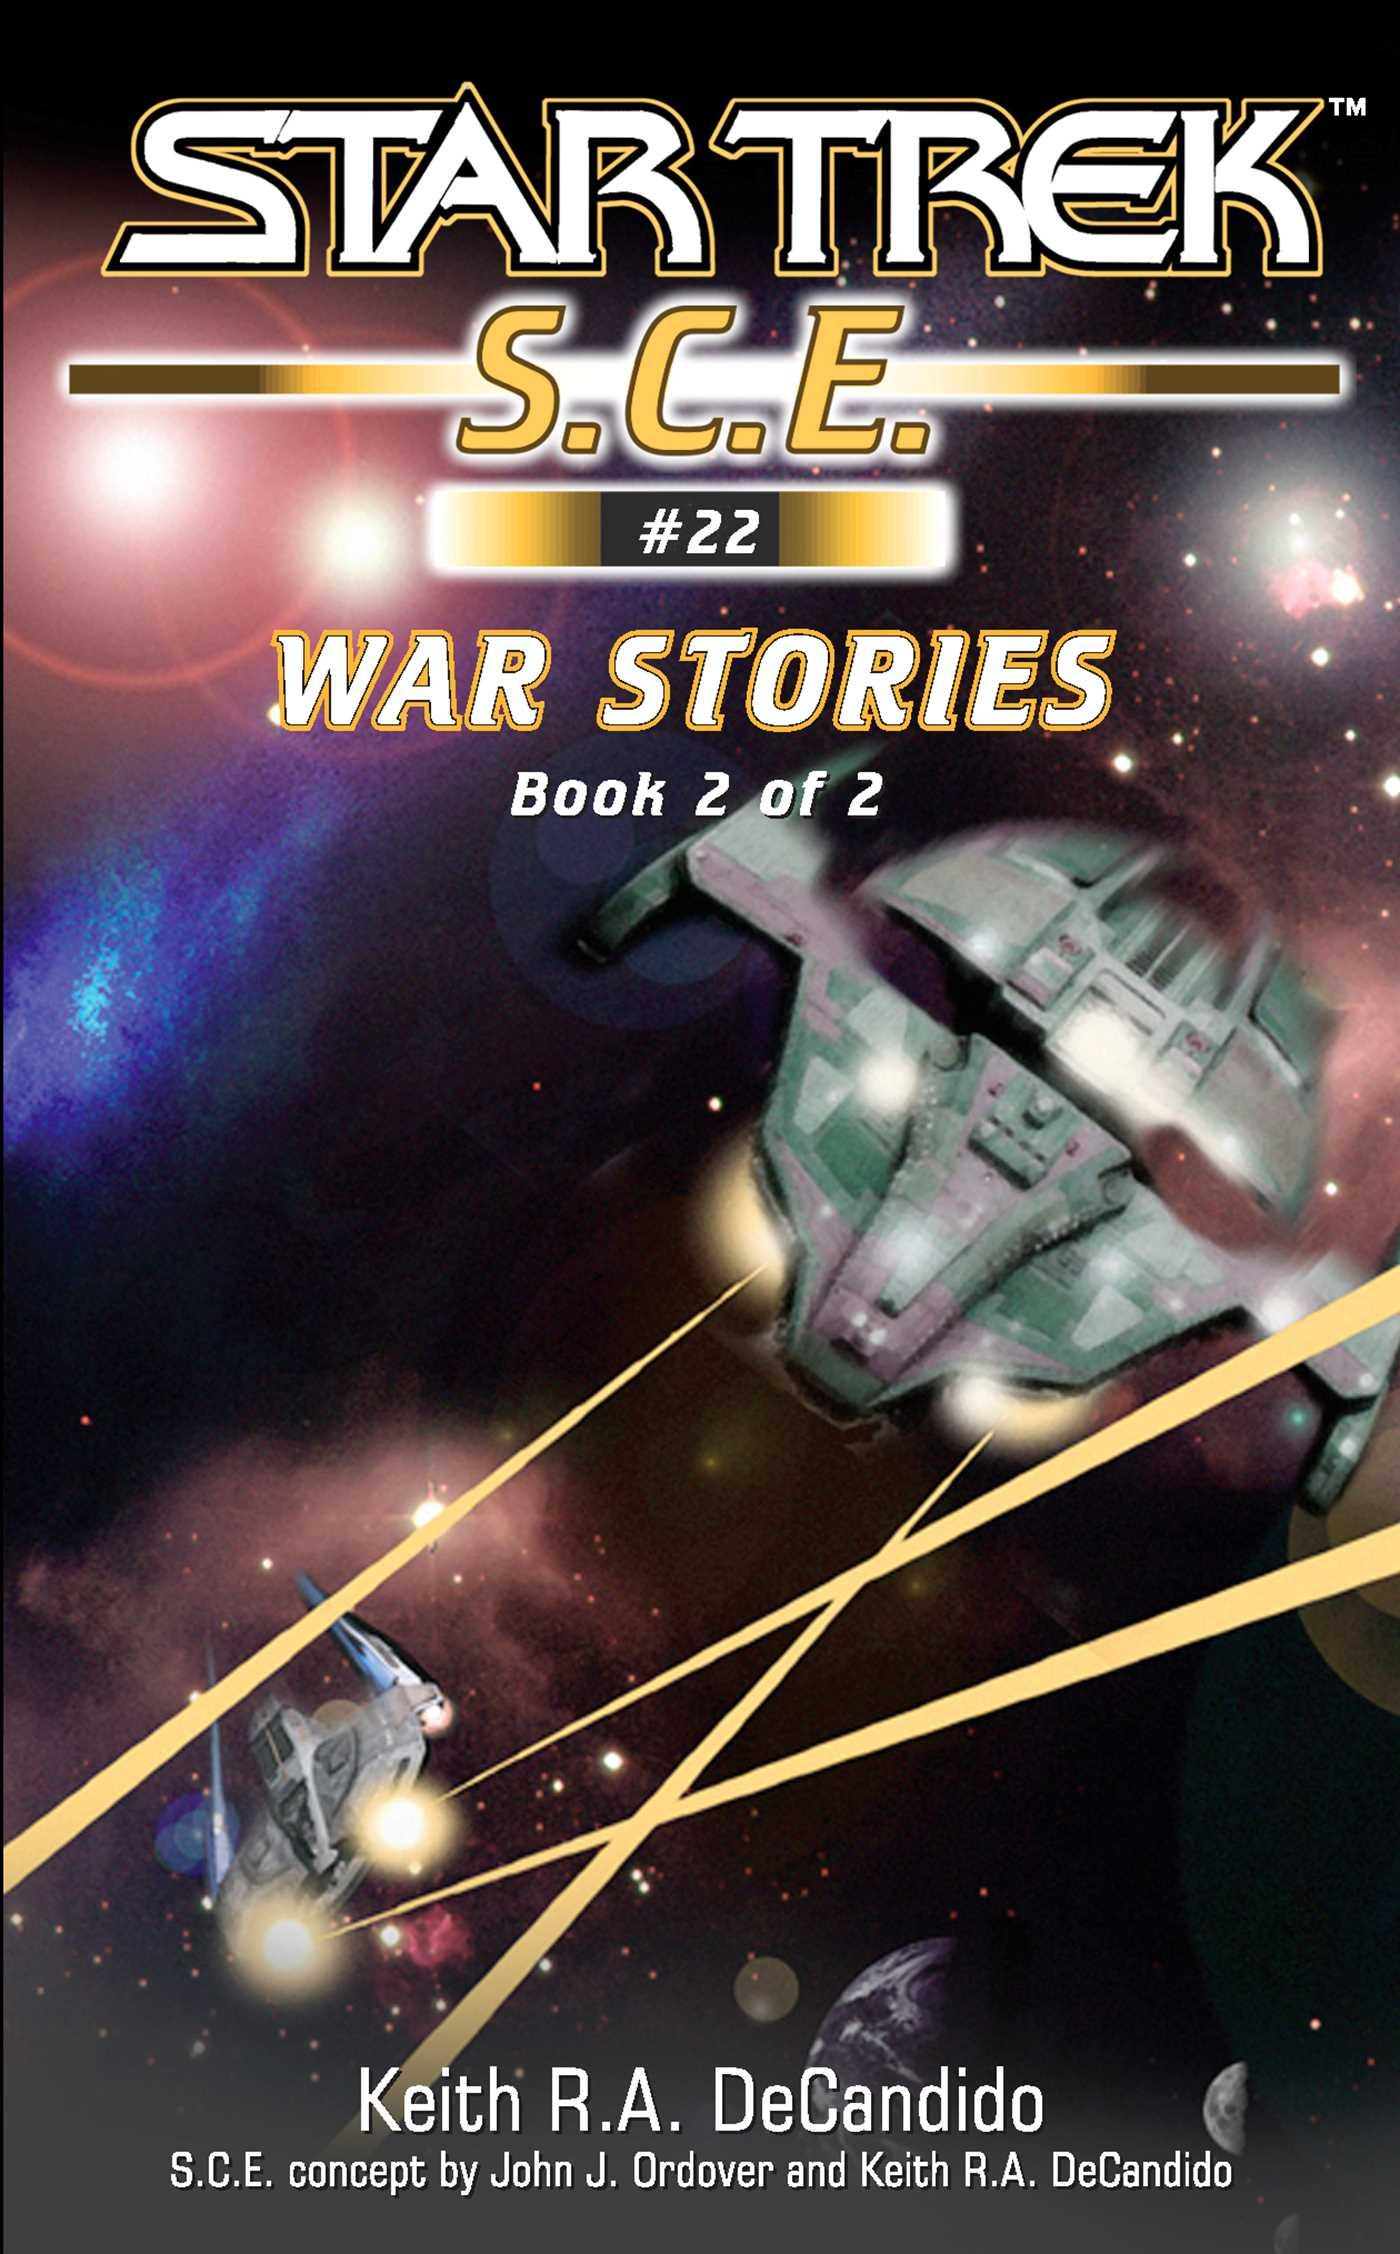 War stories book 2 9780743456777 hr